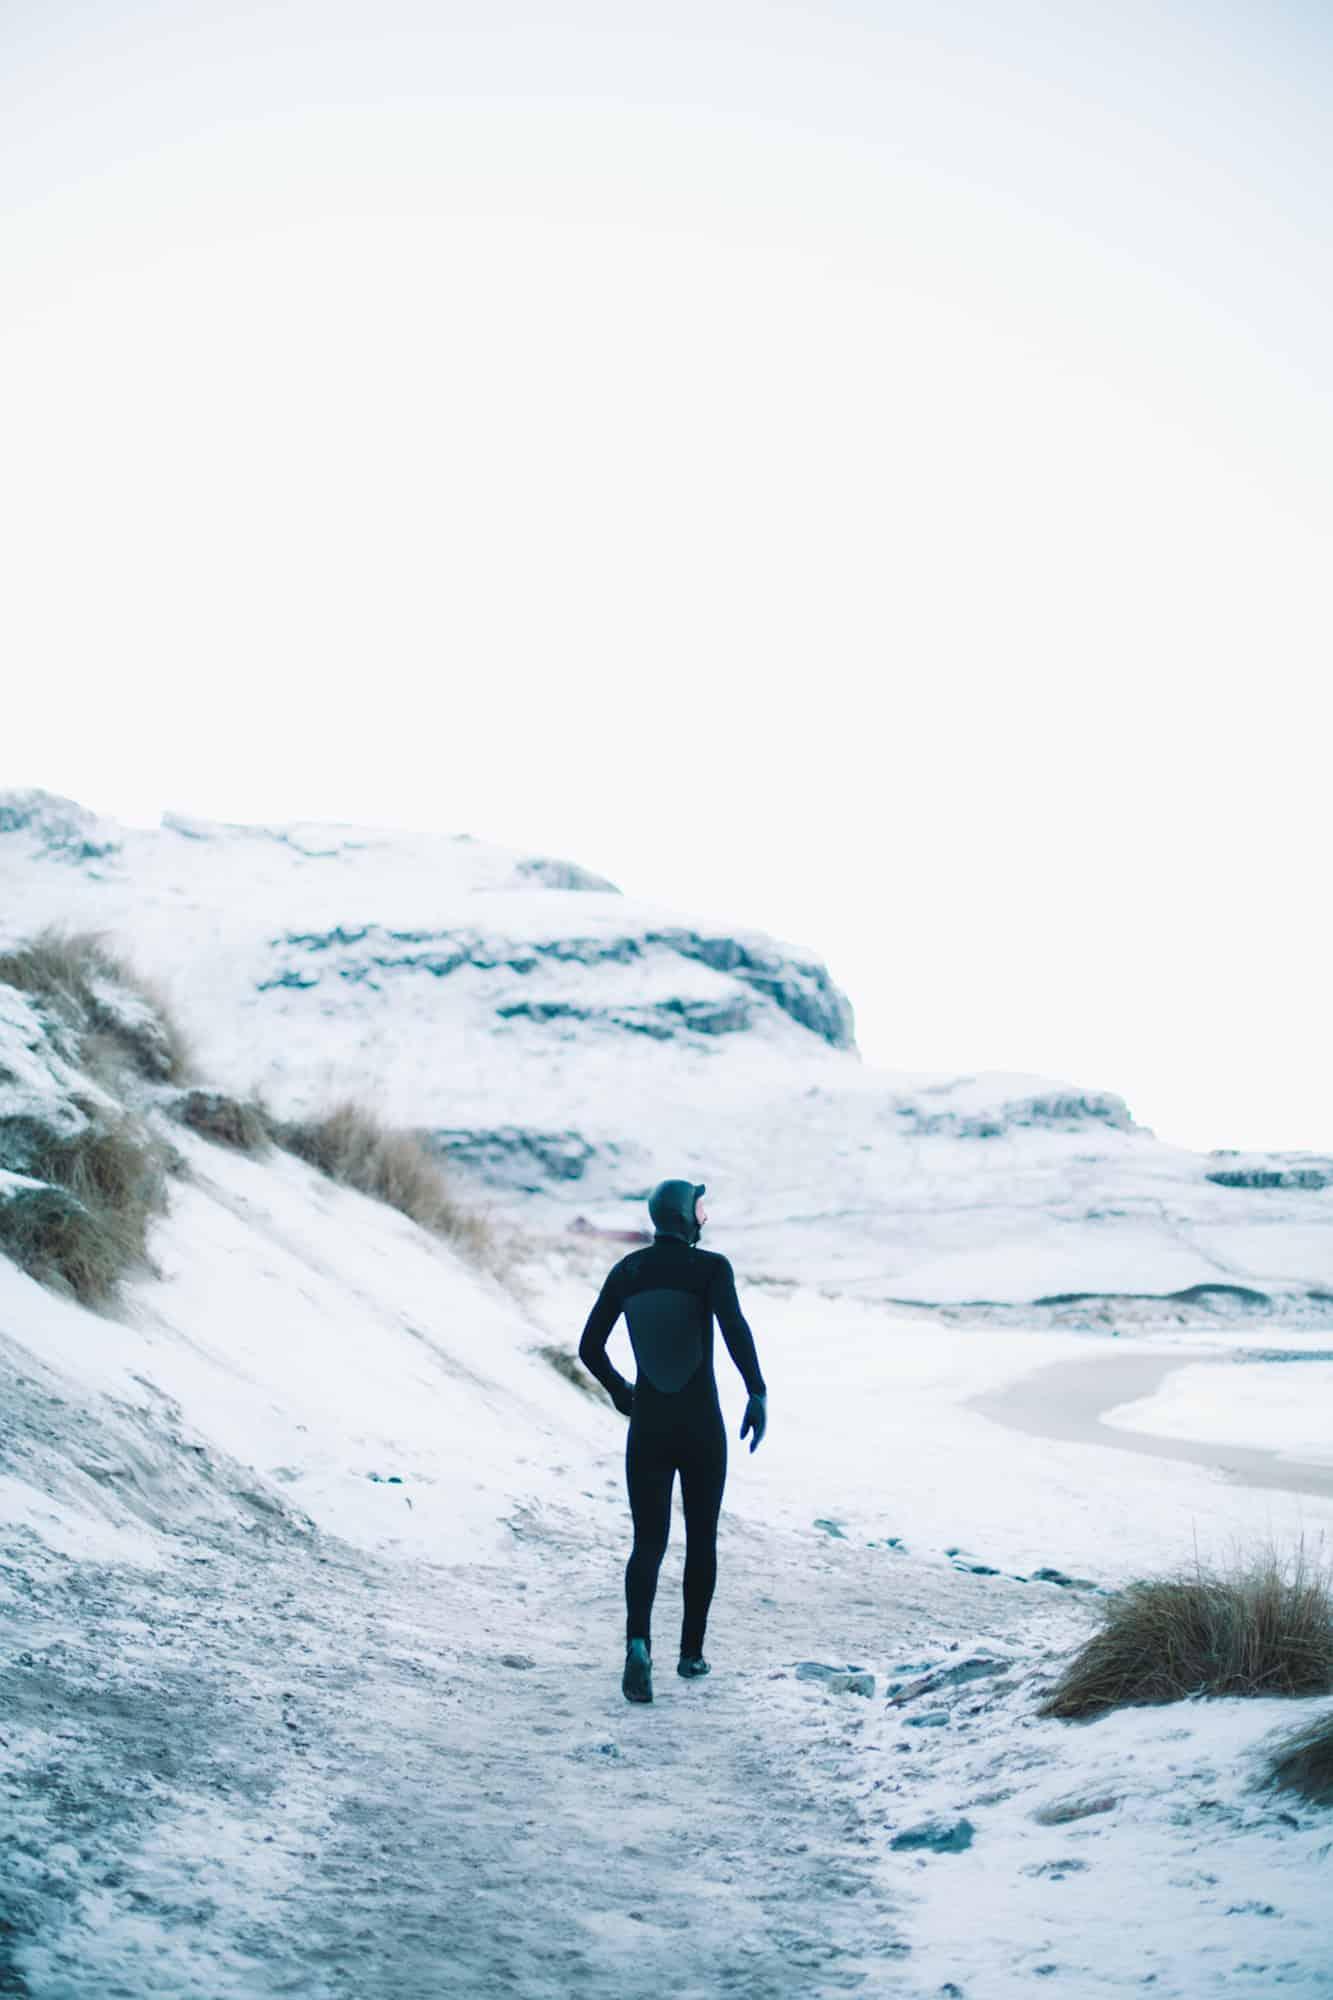 Surfsjekk ender som regel alltid opp i en lett adrenalinfylt jogg